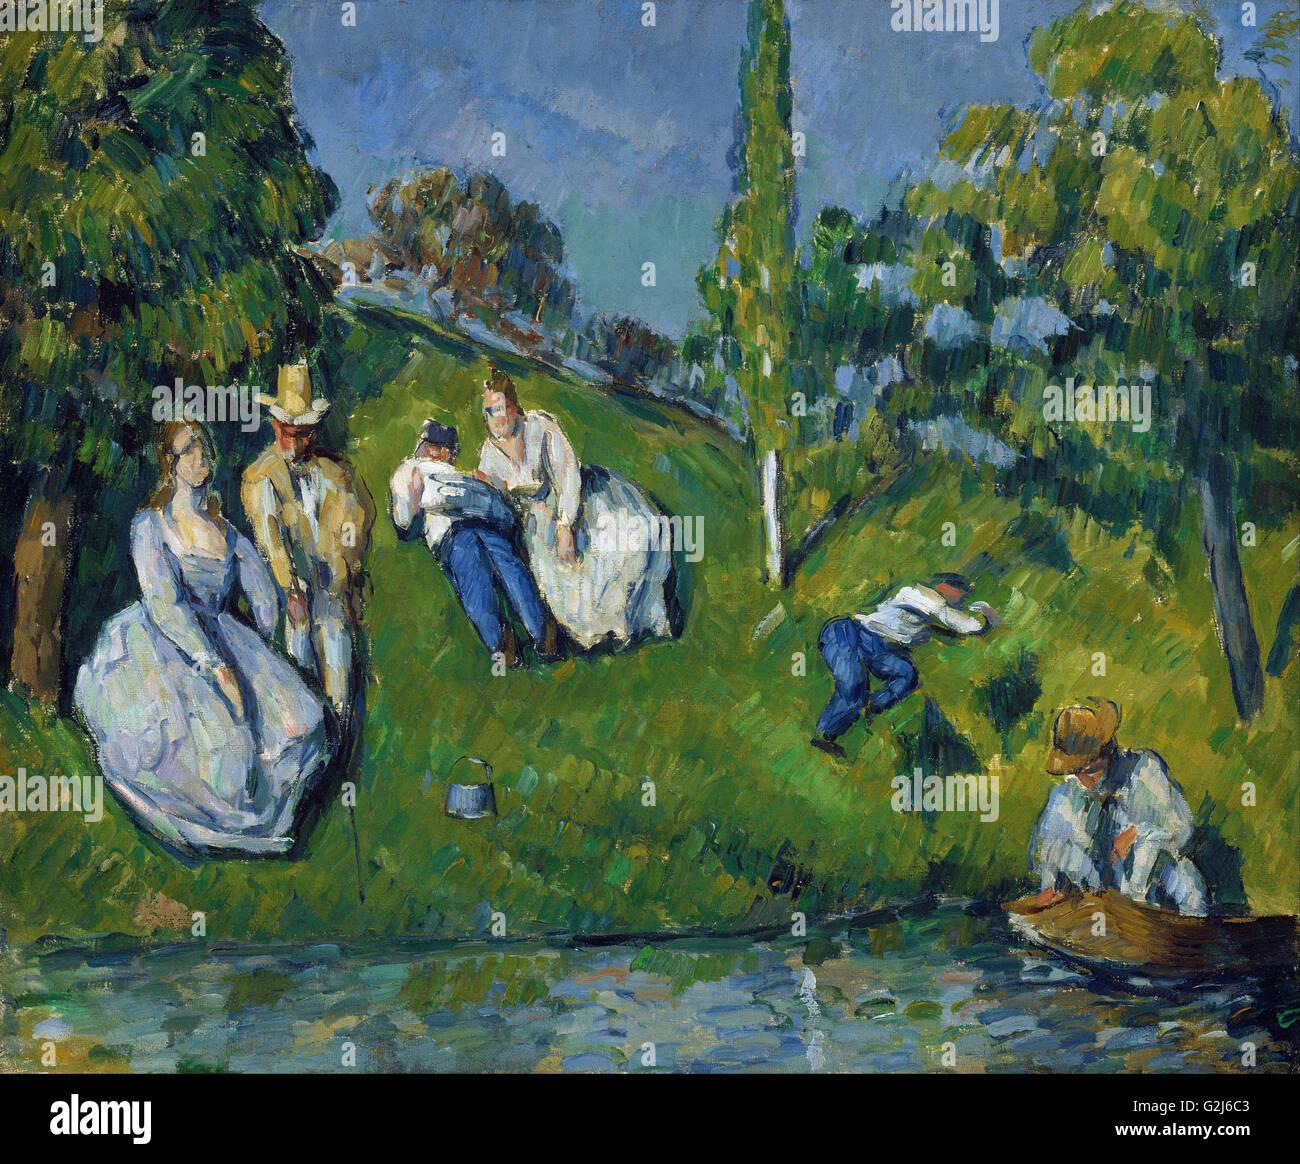 Paul Cézanne - l'étang - Musée des beaux-Arts, Boston Photo Stock